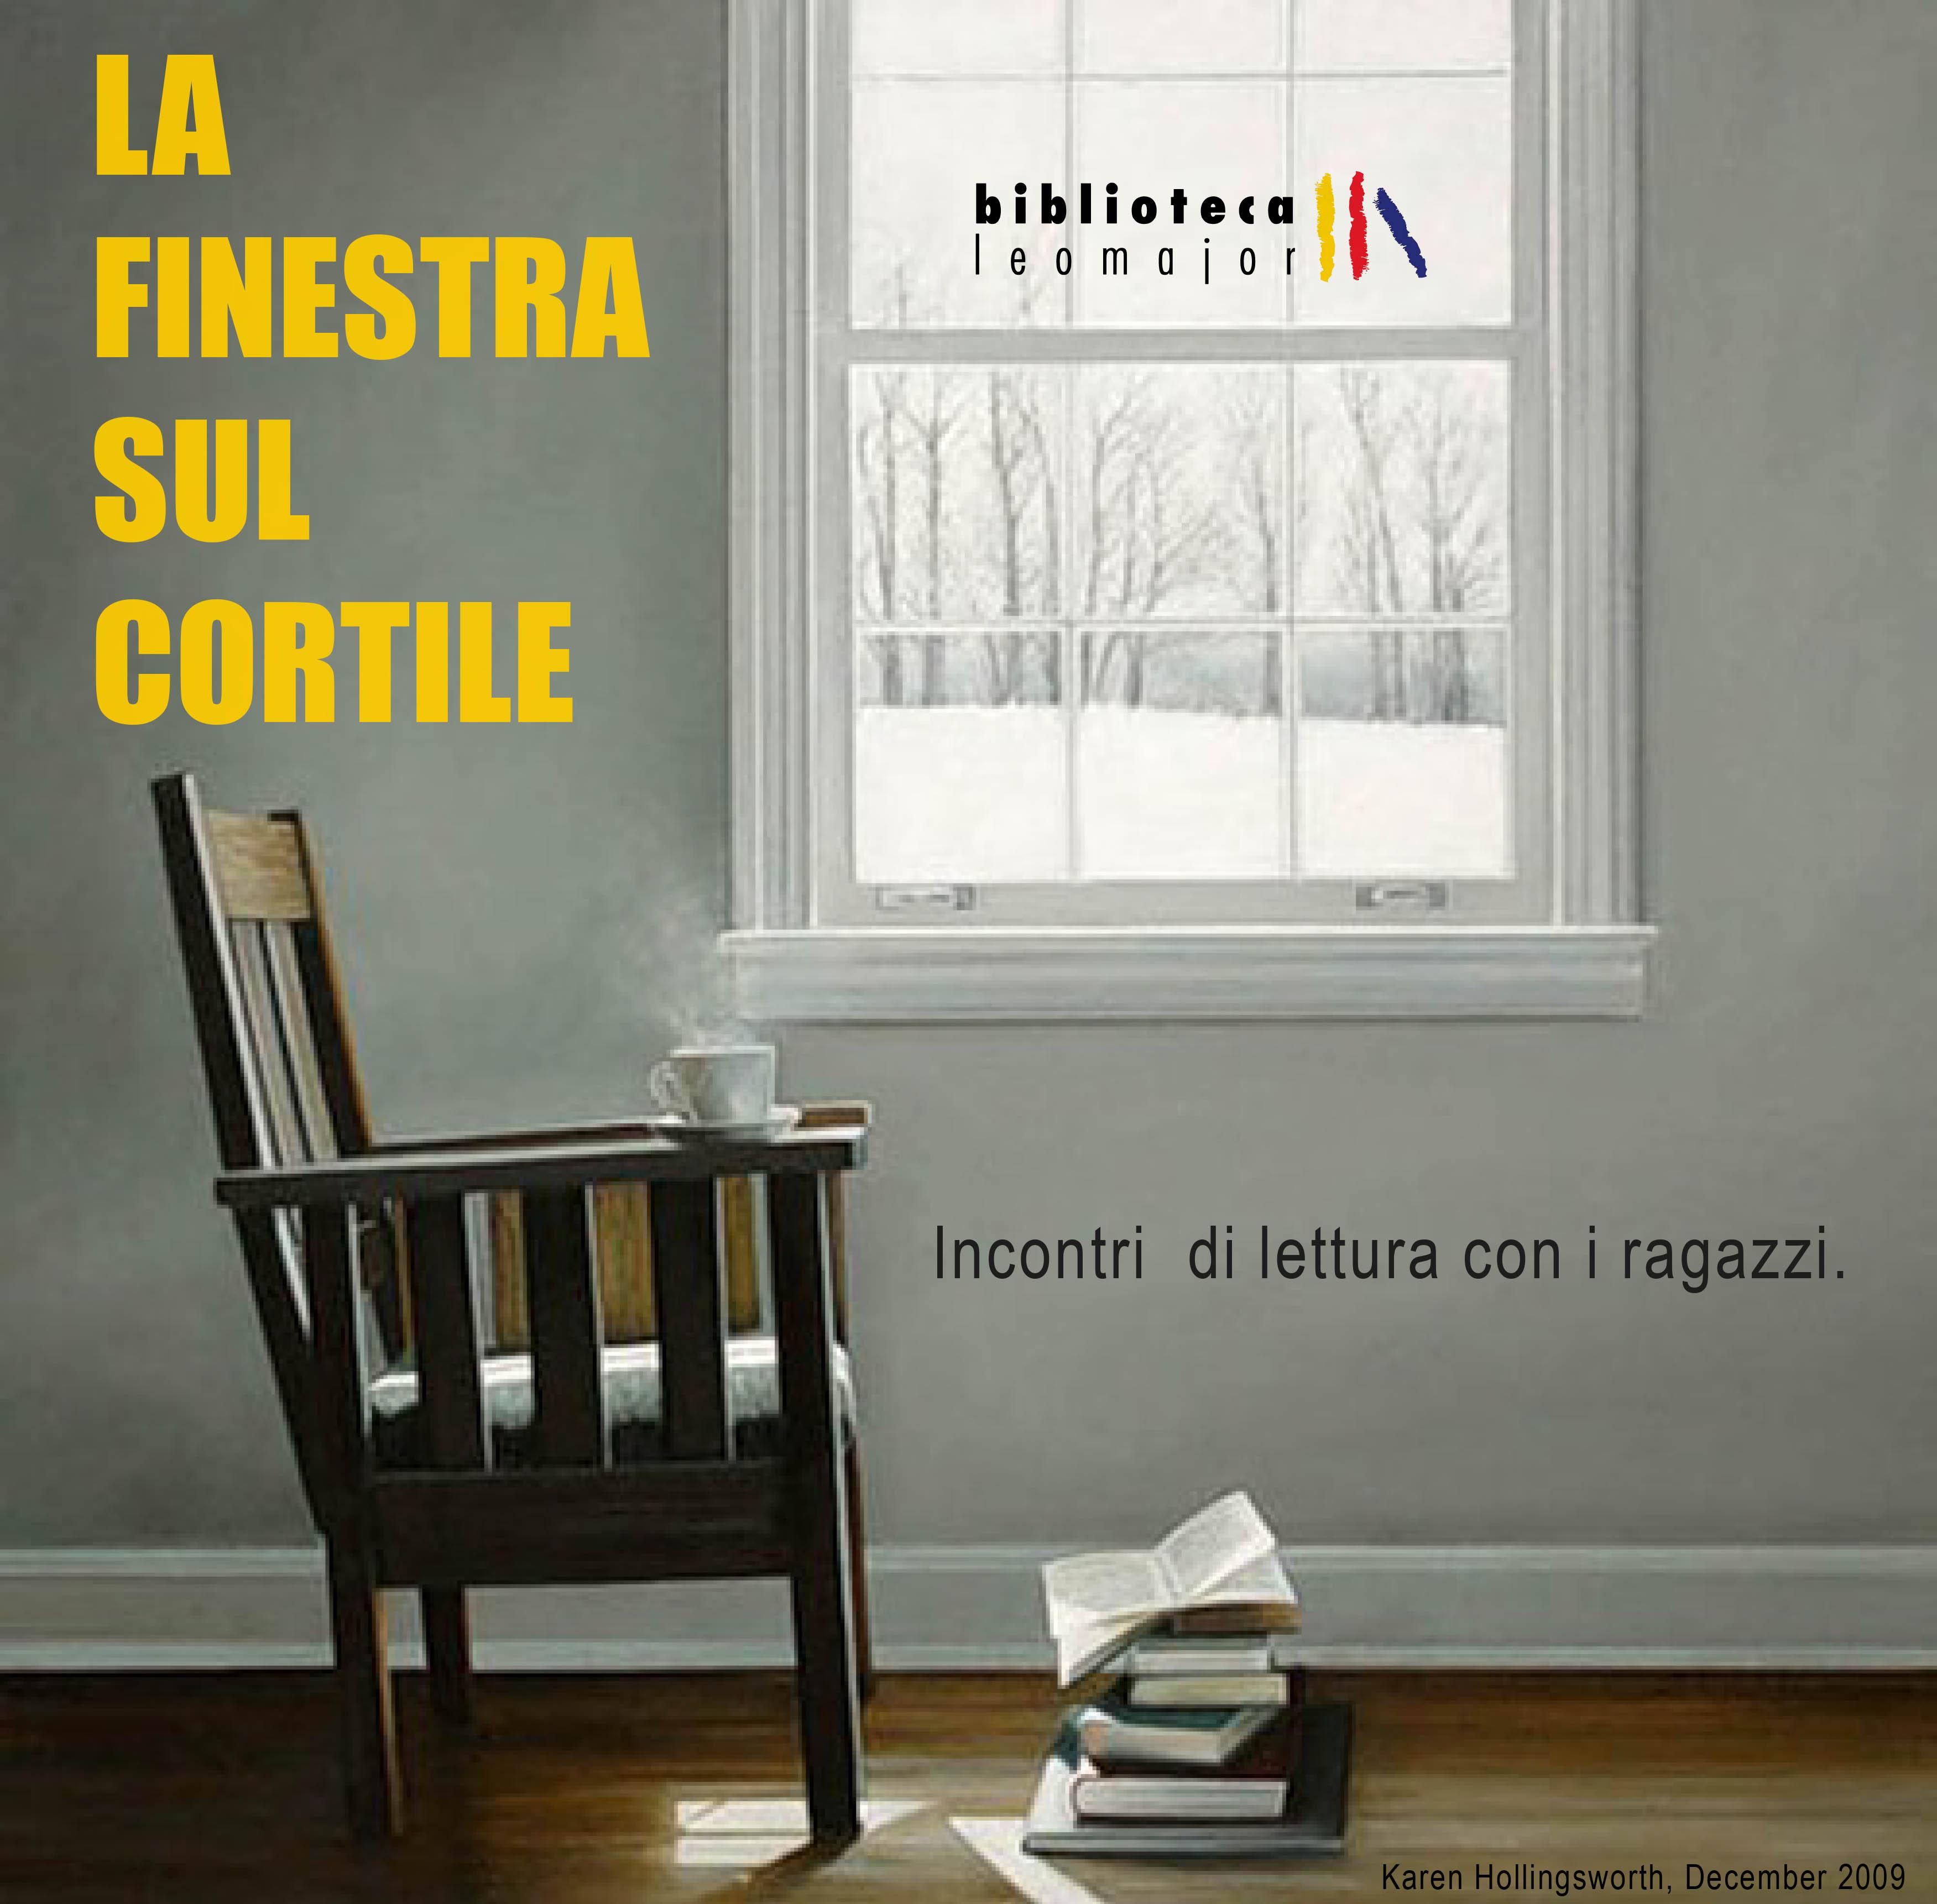 """""""La finestra sul cortile"""" – Incontri di lettura con gli studenti in biblioteca"""